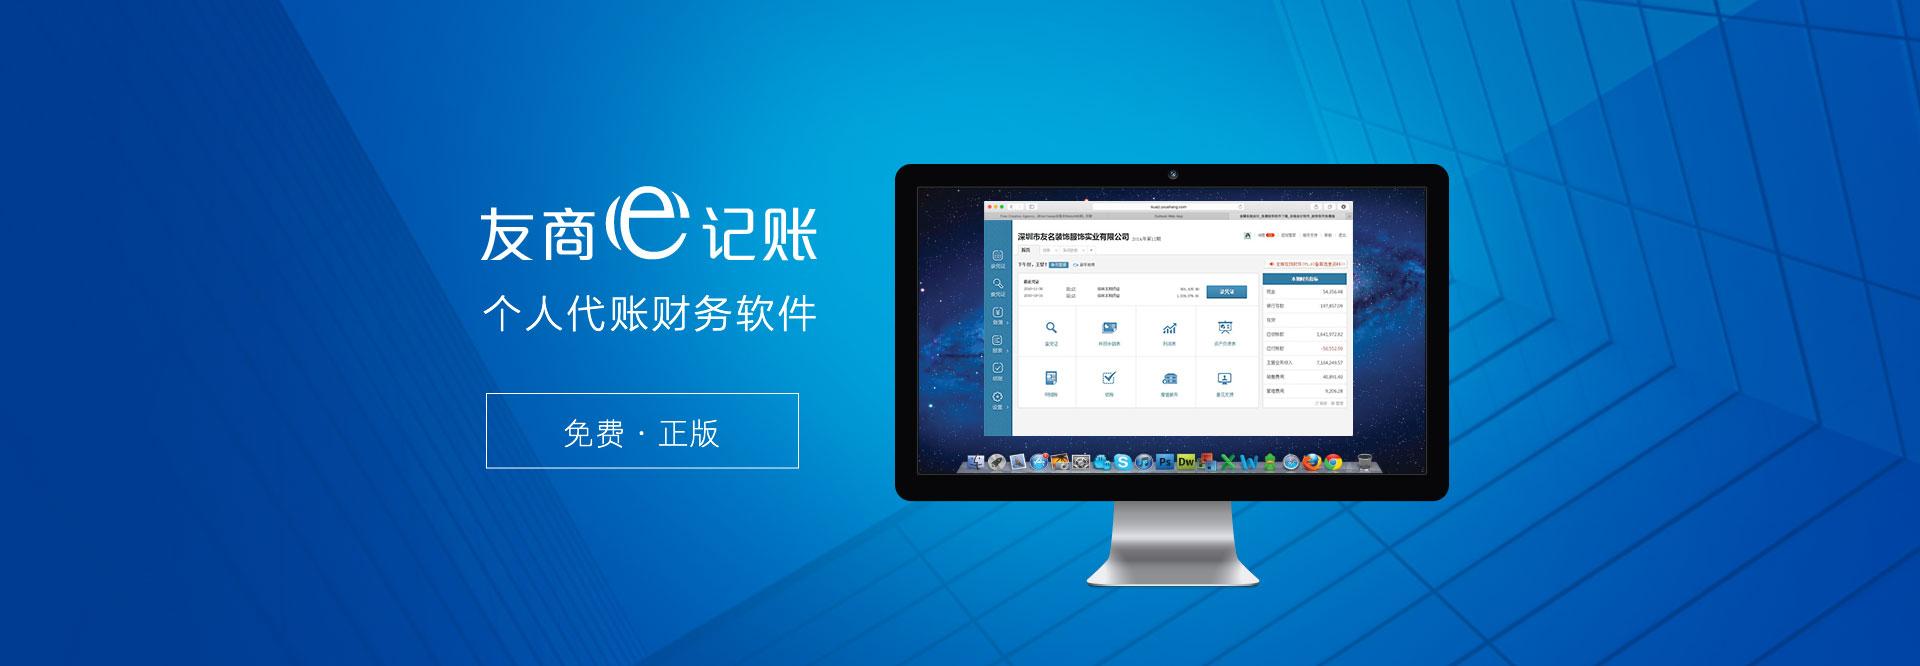 e记账免费注册下载